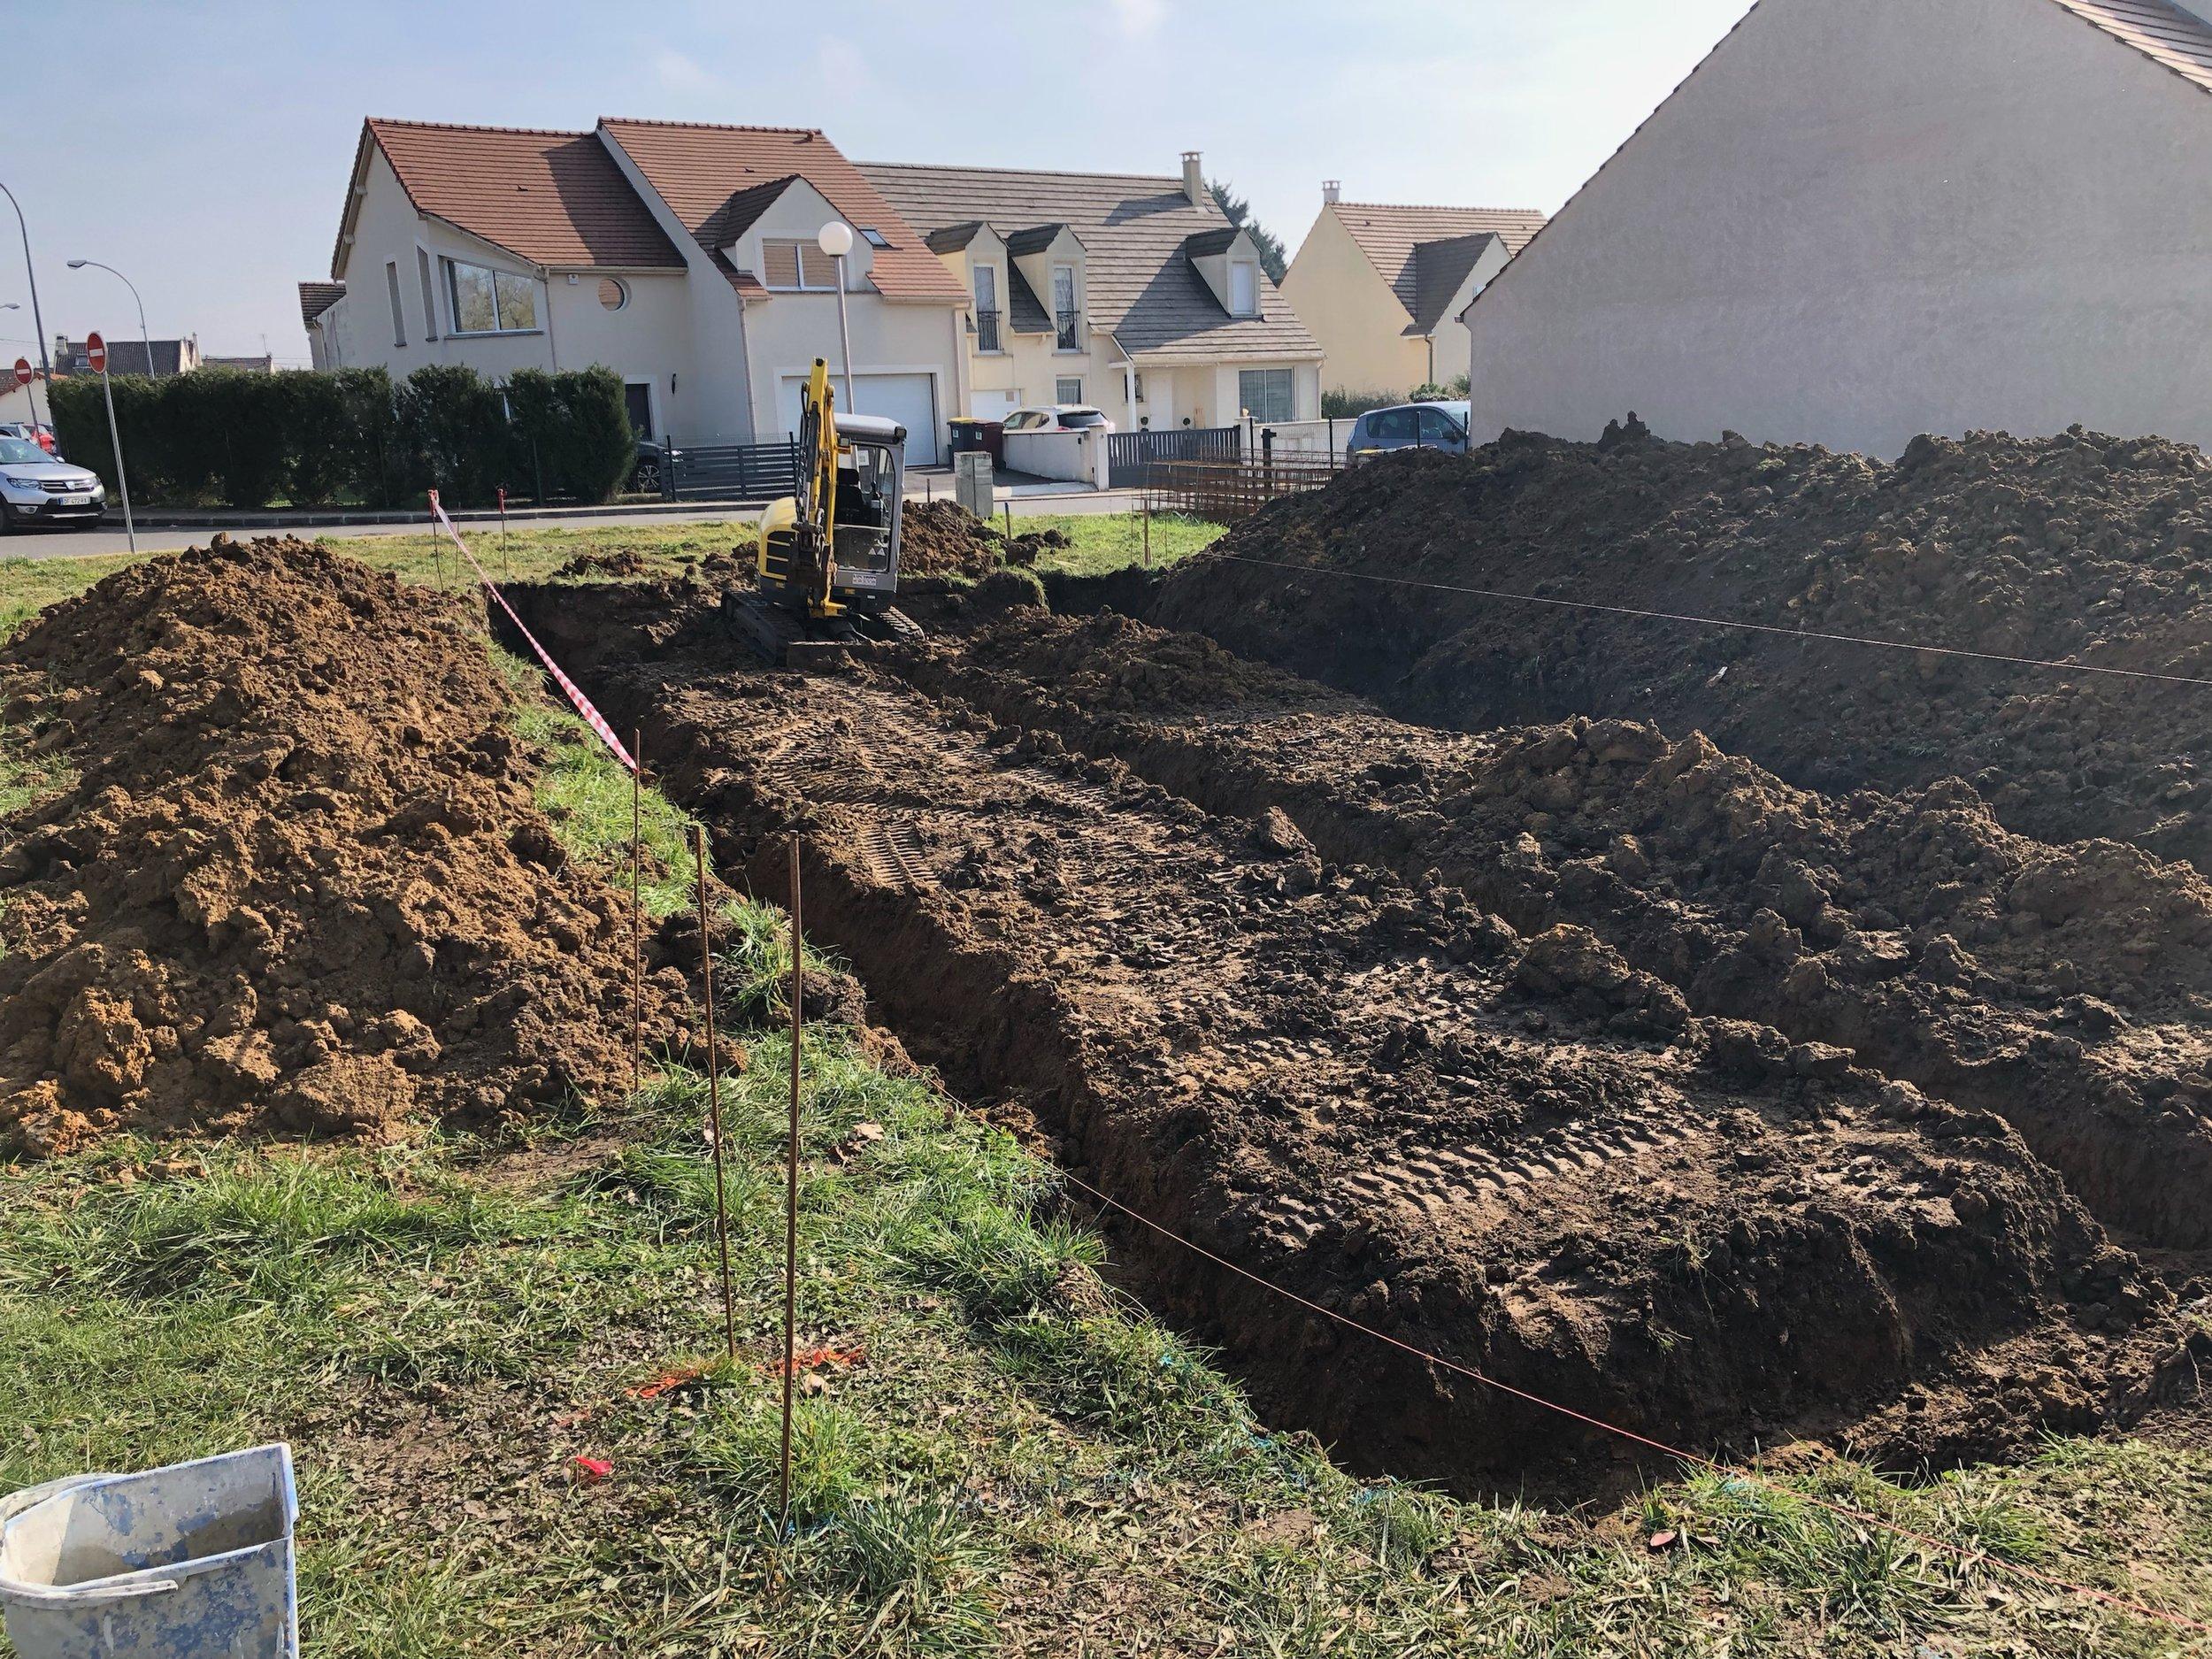 Ouverture des fouilles pour la réalisation des fondations